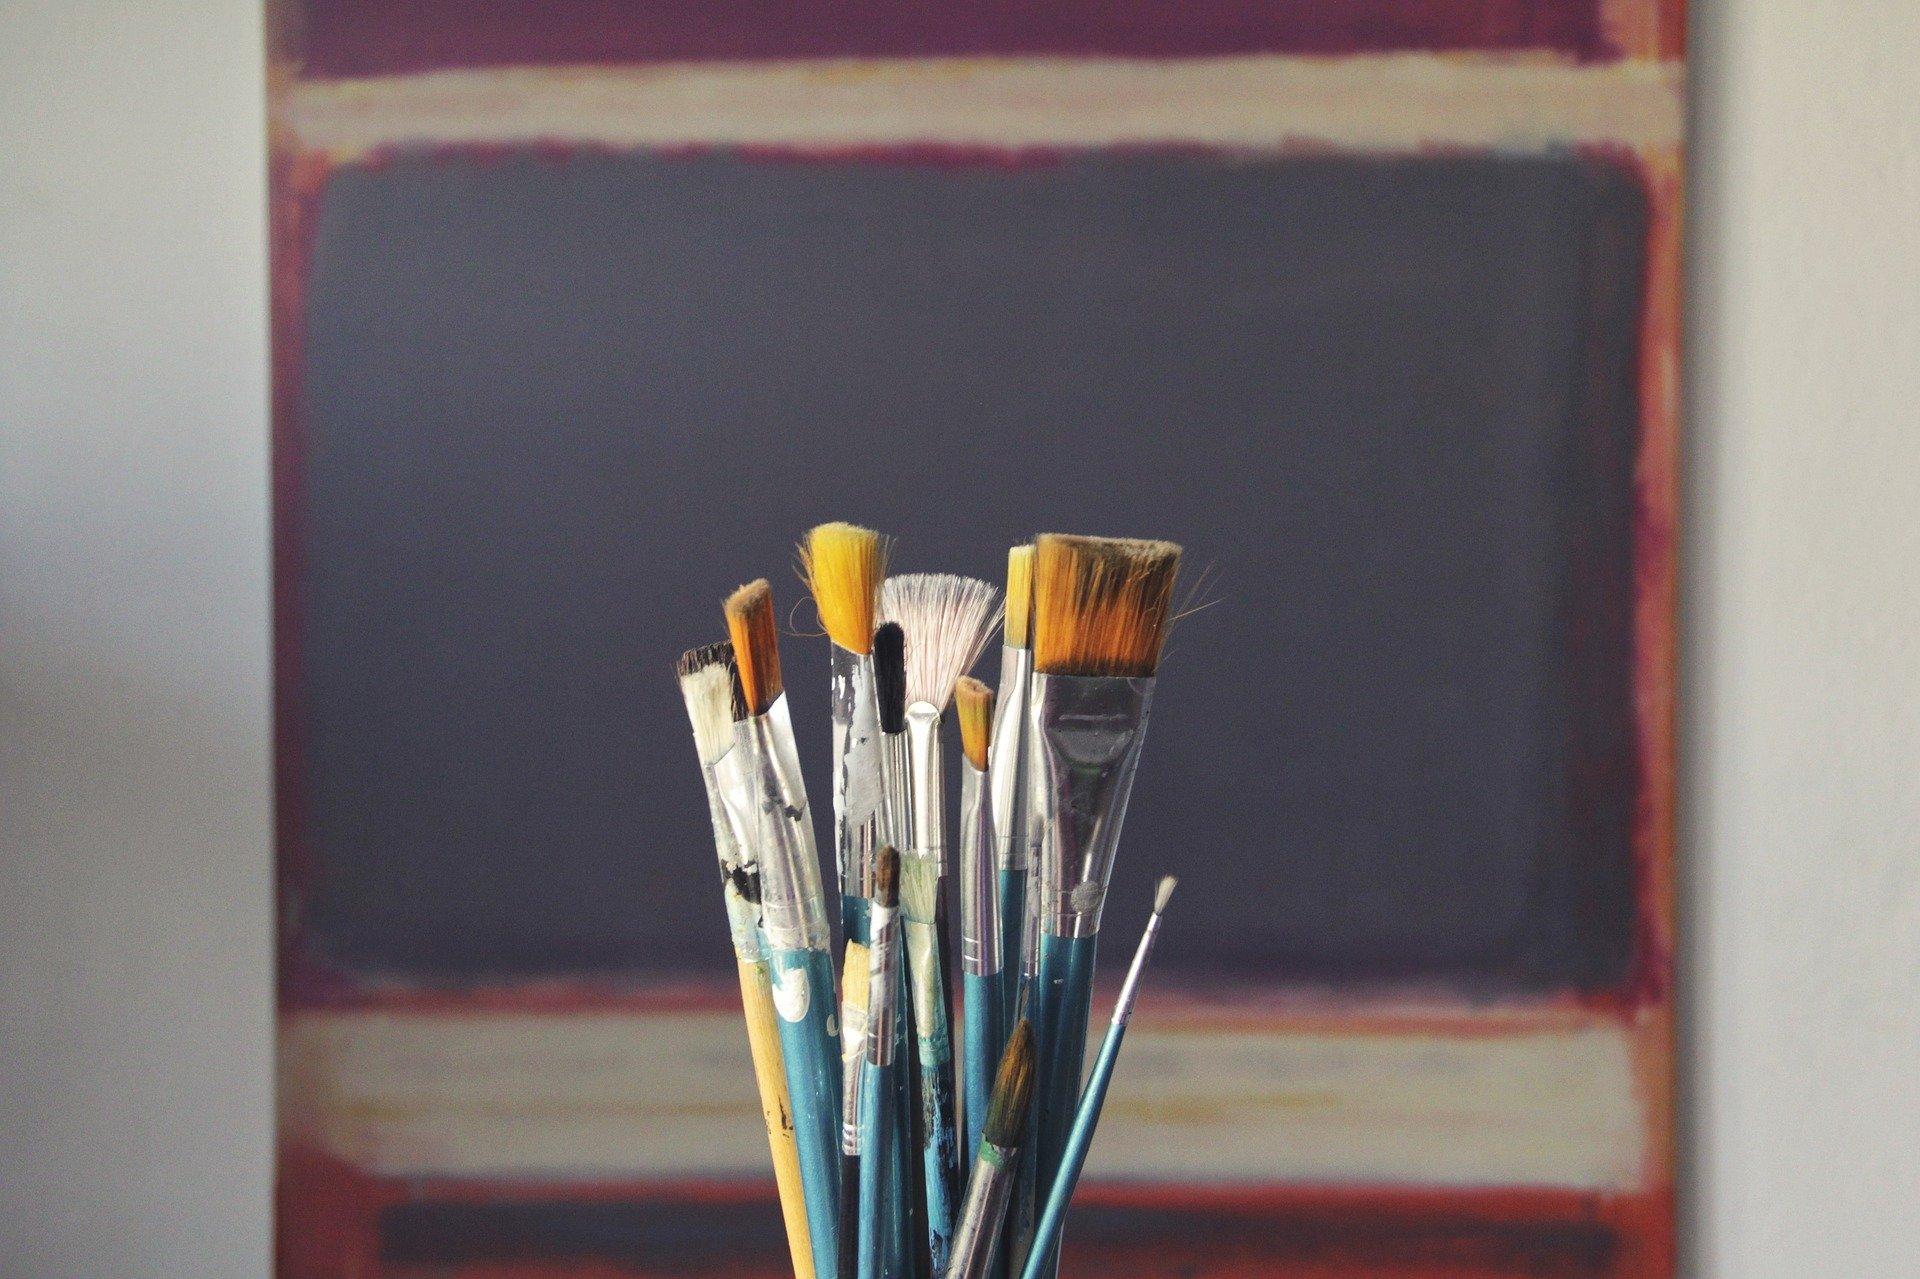 Få tilbud fra dygtige malere